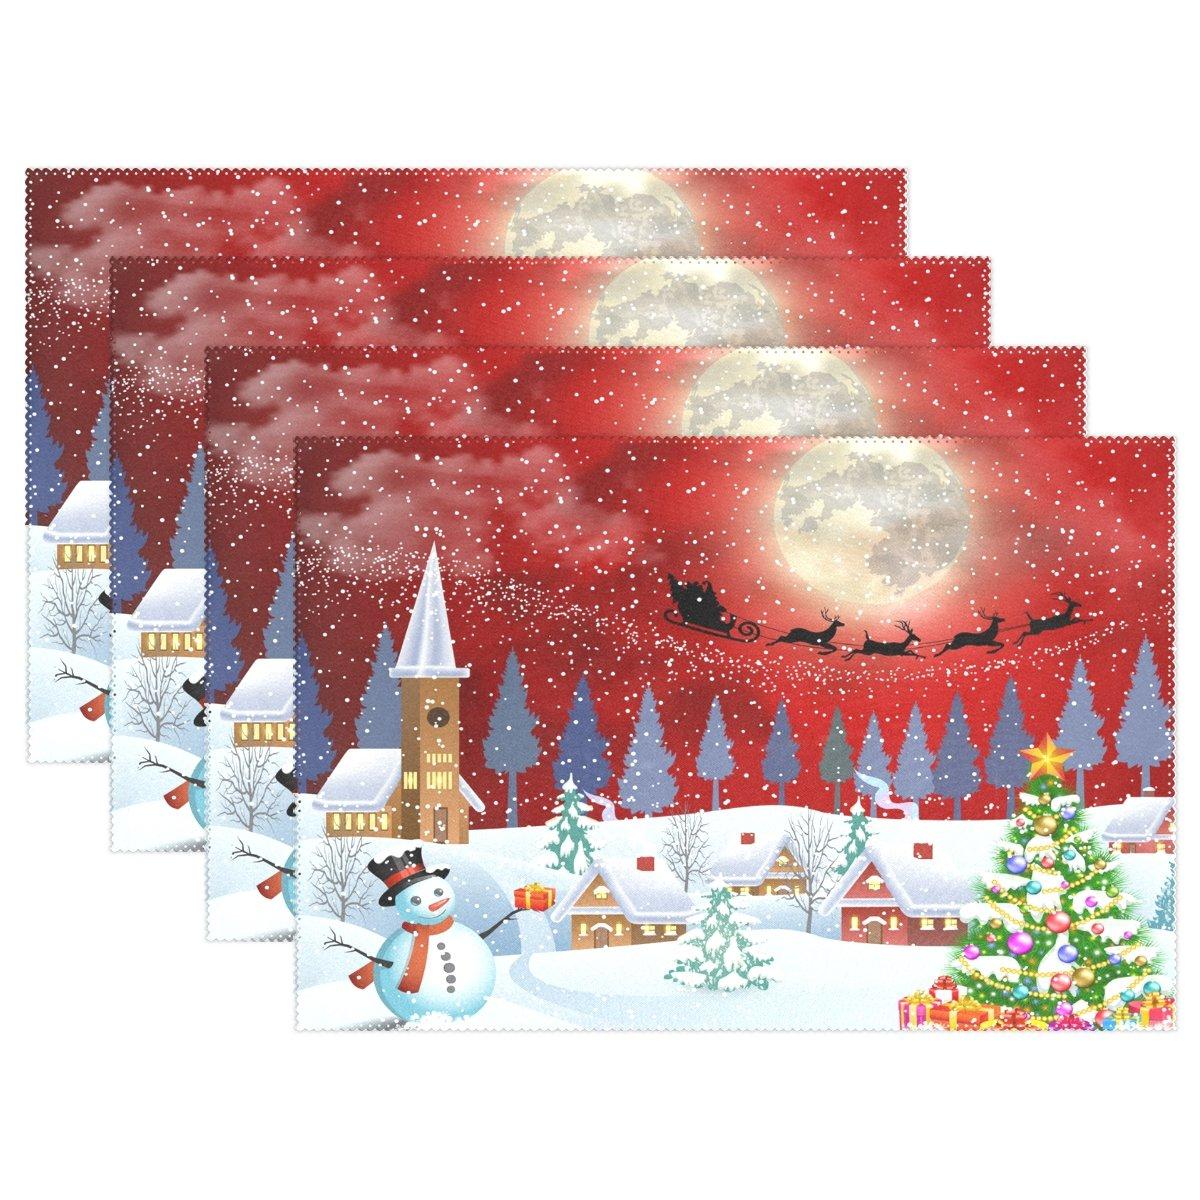 naanle冬Holdiayプレースマット、クリスマスツリー雪だるまサンタ句トナカイ耐熱Washableテーブルデコレーションを配置用マットキッチンダイニングテーブル 12*18inch 1376280p145c160s252 6 マルチカラー B075YWZXWM